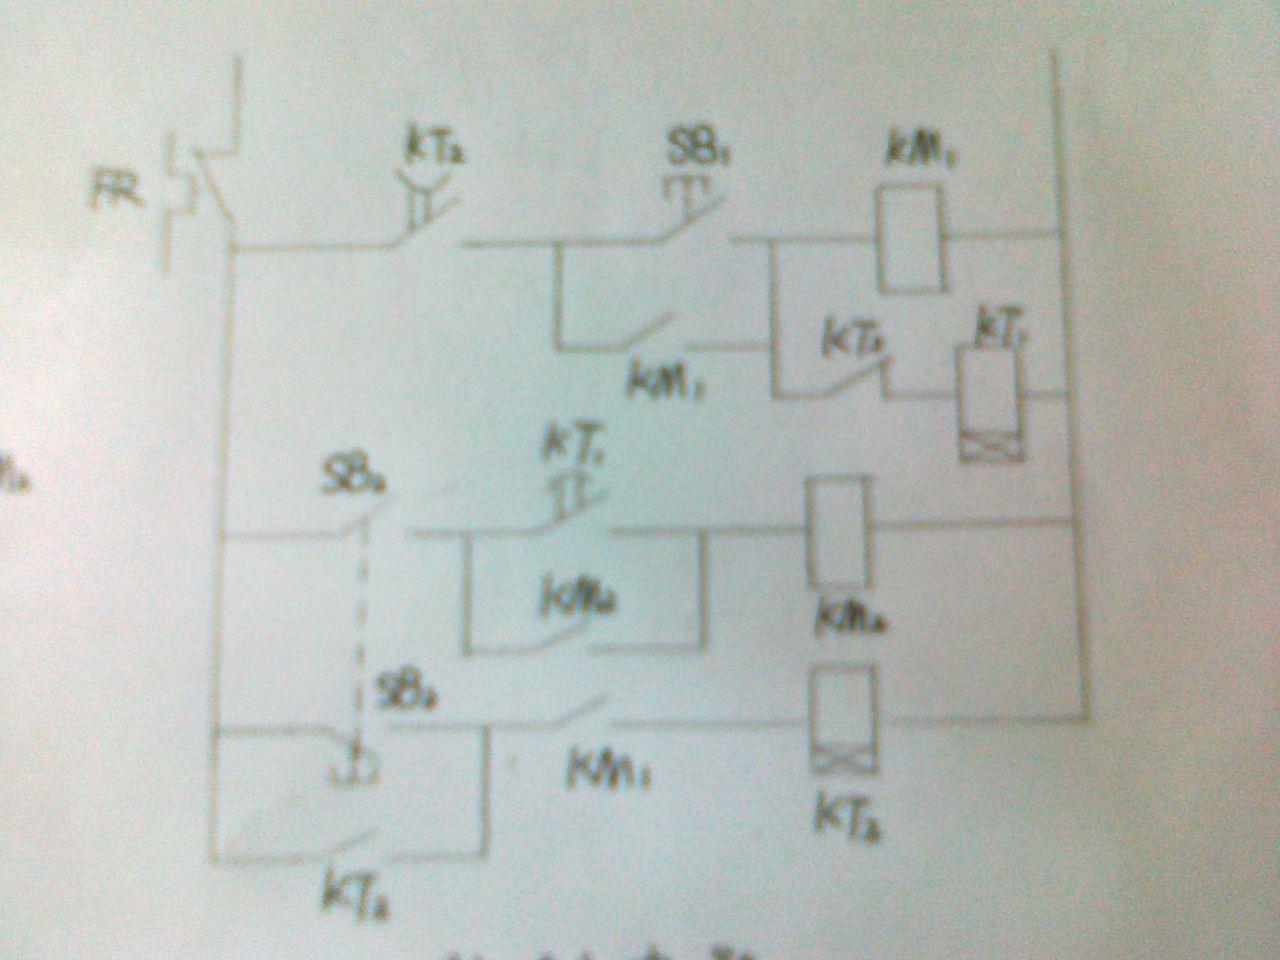 求此电动机控制电路具体原理说明,此图为延时电路,a电机启动10s后b